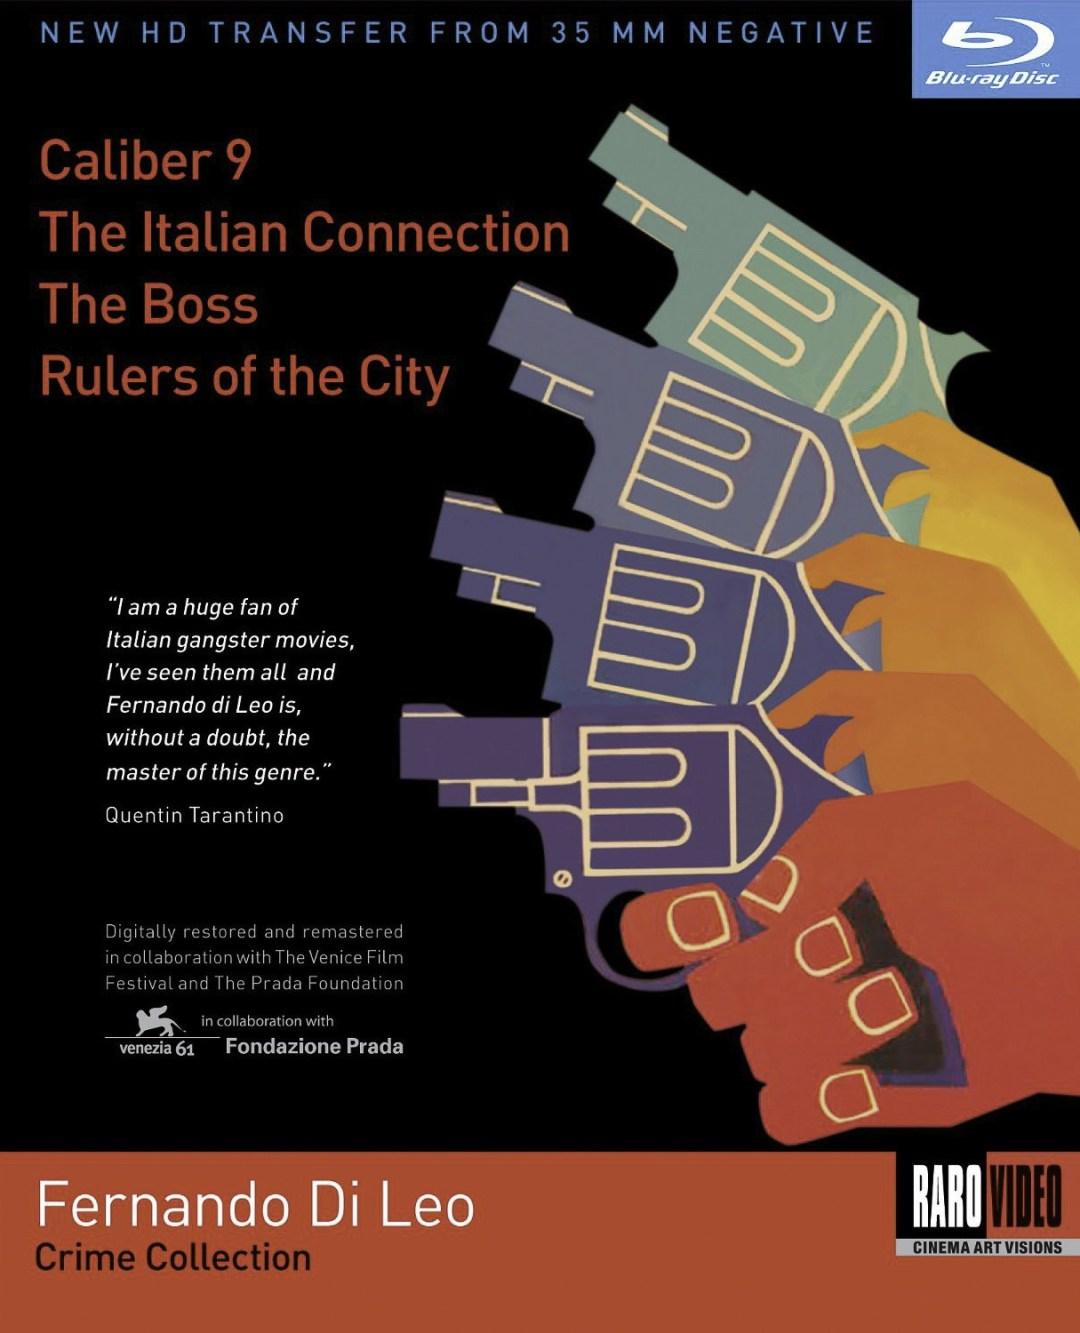 Milano Calibro 9 [VoicesFILM.com] (1500 x 1500 )(1)